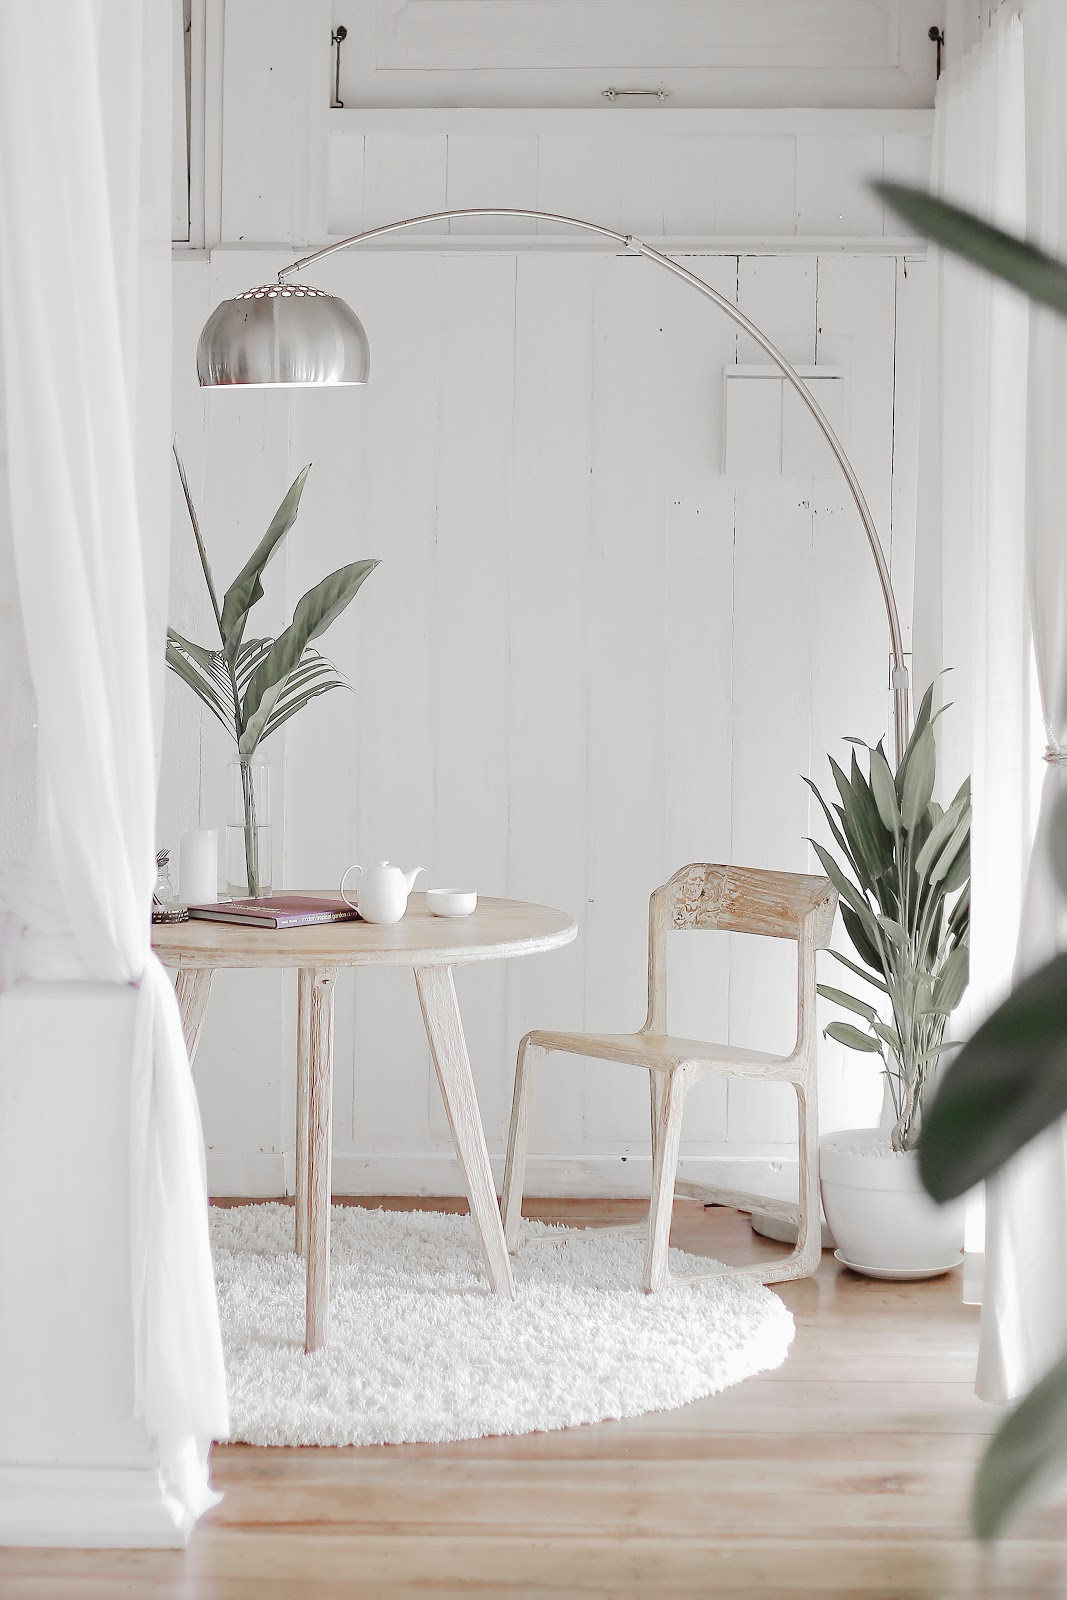 Mendesain ruangan bertema minimalis memberikan tantangan tersendiri - source: unsplash.com